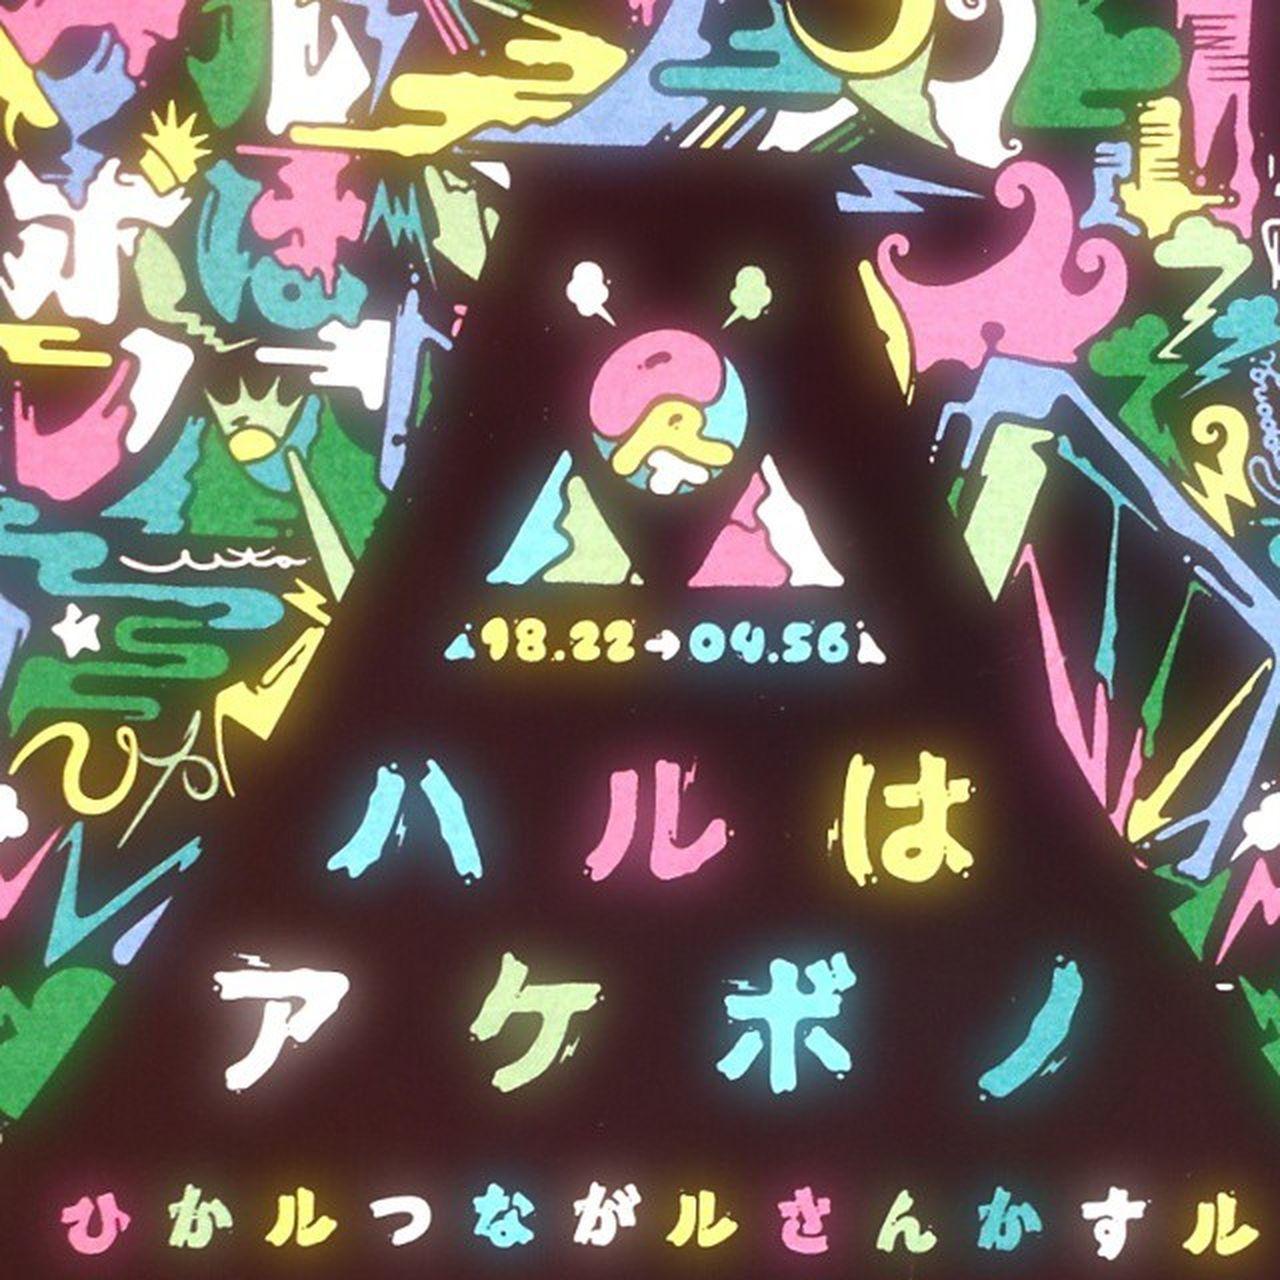 六本木アートナイト! 朝までアート♪楽しかった~(о´∀`о) 六本木アートナイト Roppongi